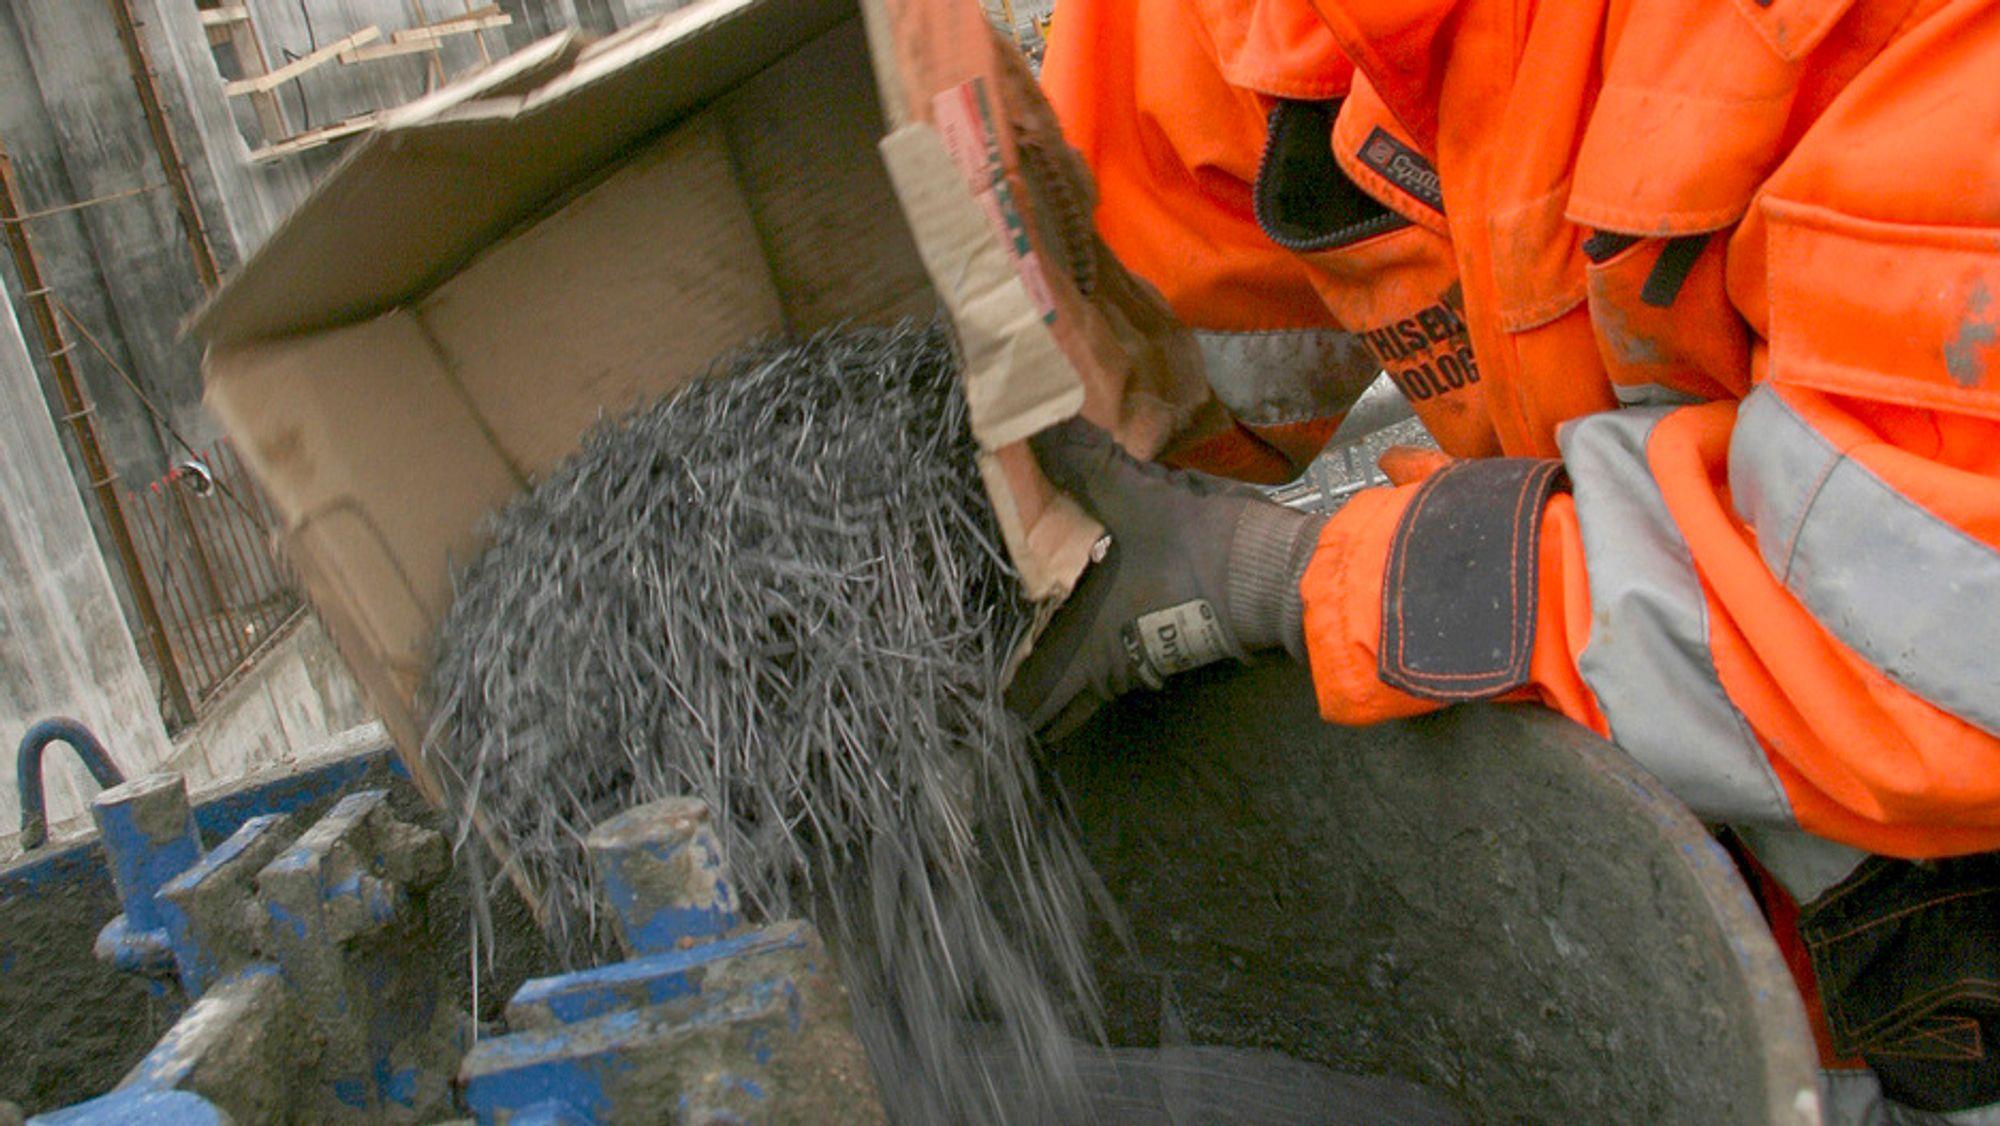 Fiber helles i betongblanderen til et prøvestøp. Bildet er fra et prosjekt der Veidekke ønsket å bruke fiber i bærende konstruksjon, men måtte nøye seg med et prøvestøp fordi rådgivende ingeniør ikke våget å ta spranget. Dette skjedde i 2008, nå blir det lettere å bruke fiber.